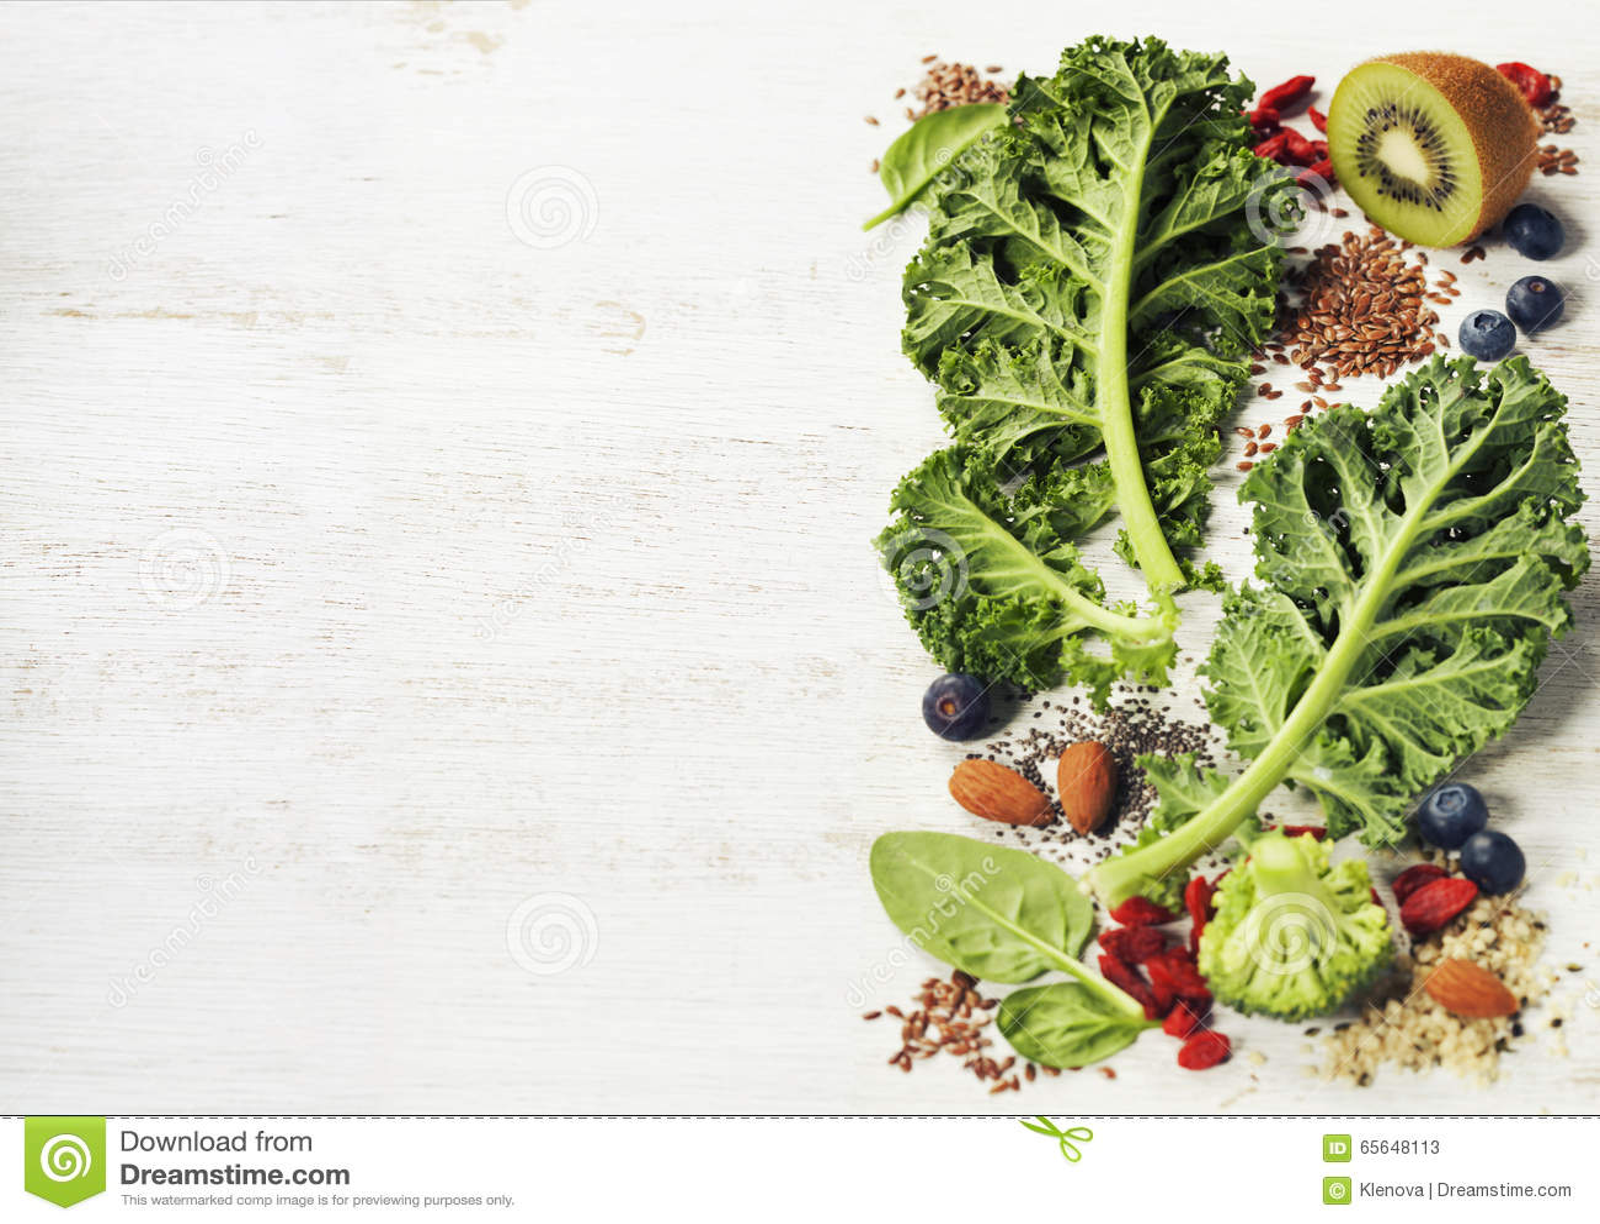 Ingrédients pour faire le smoothie ou la salade vert sain